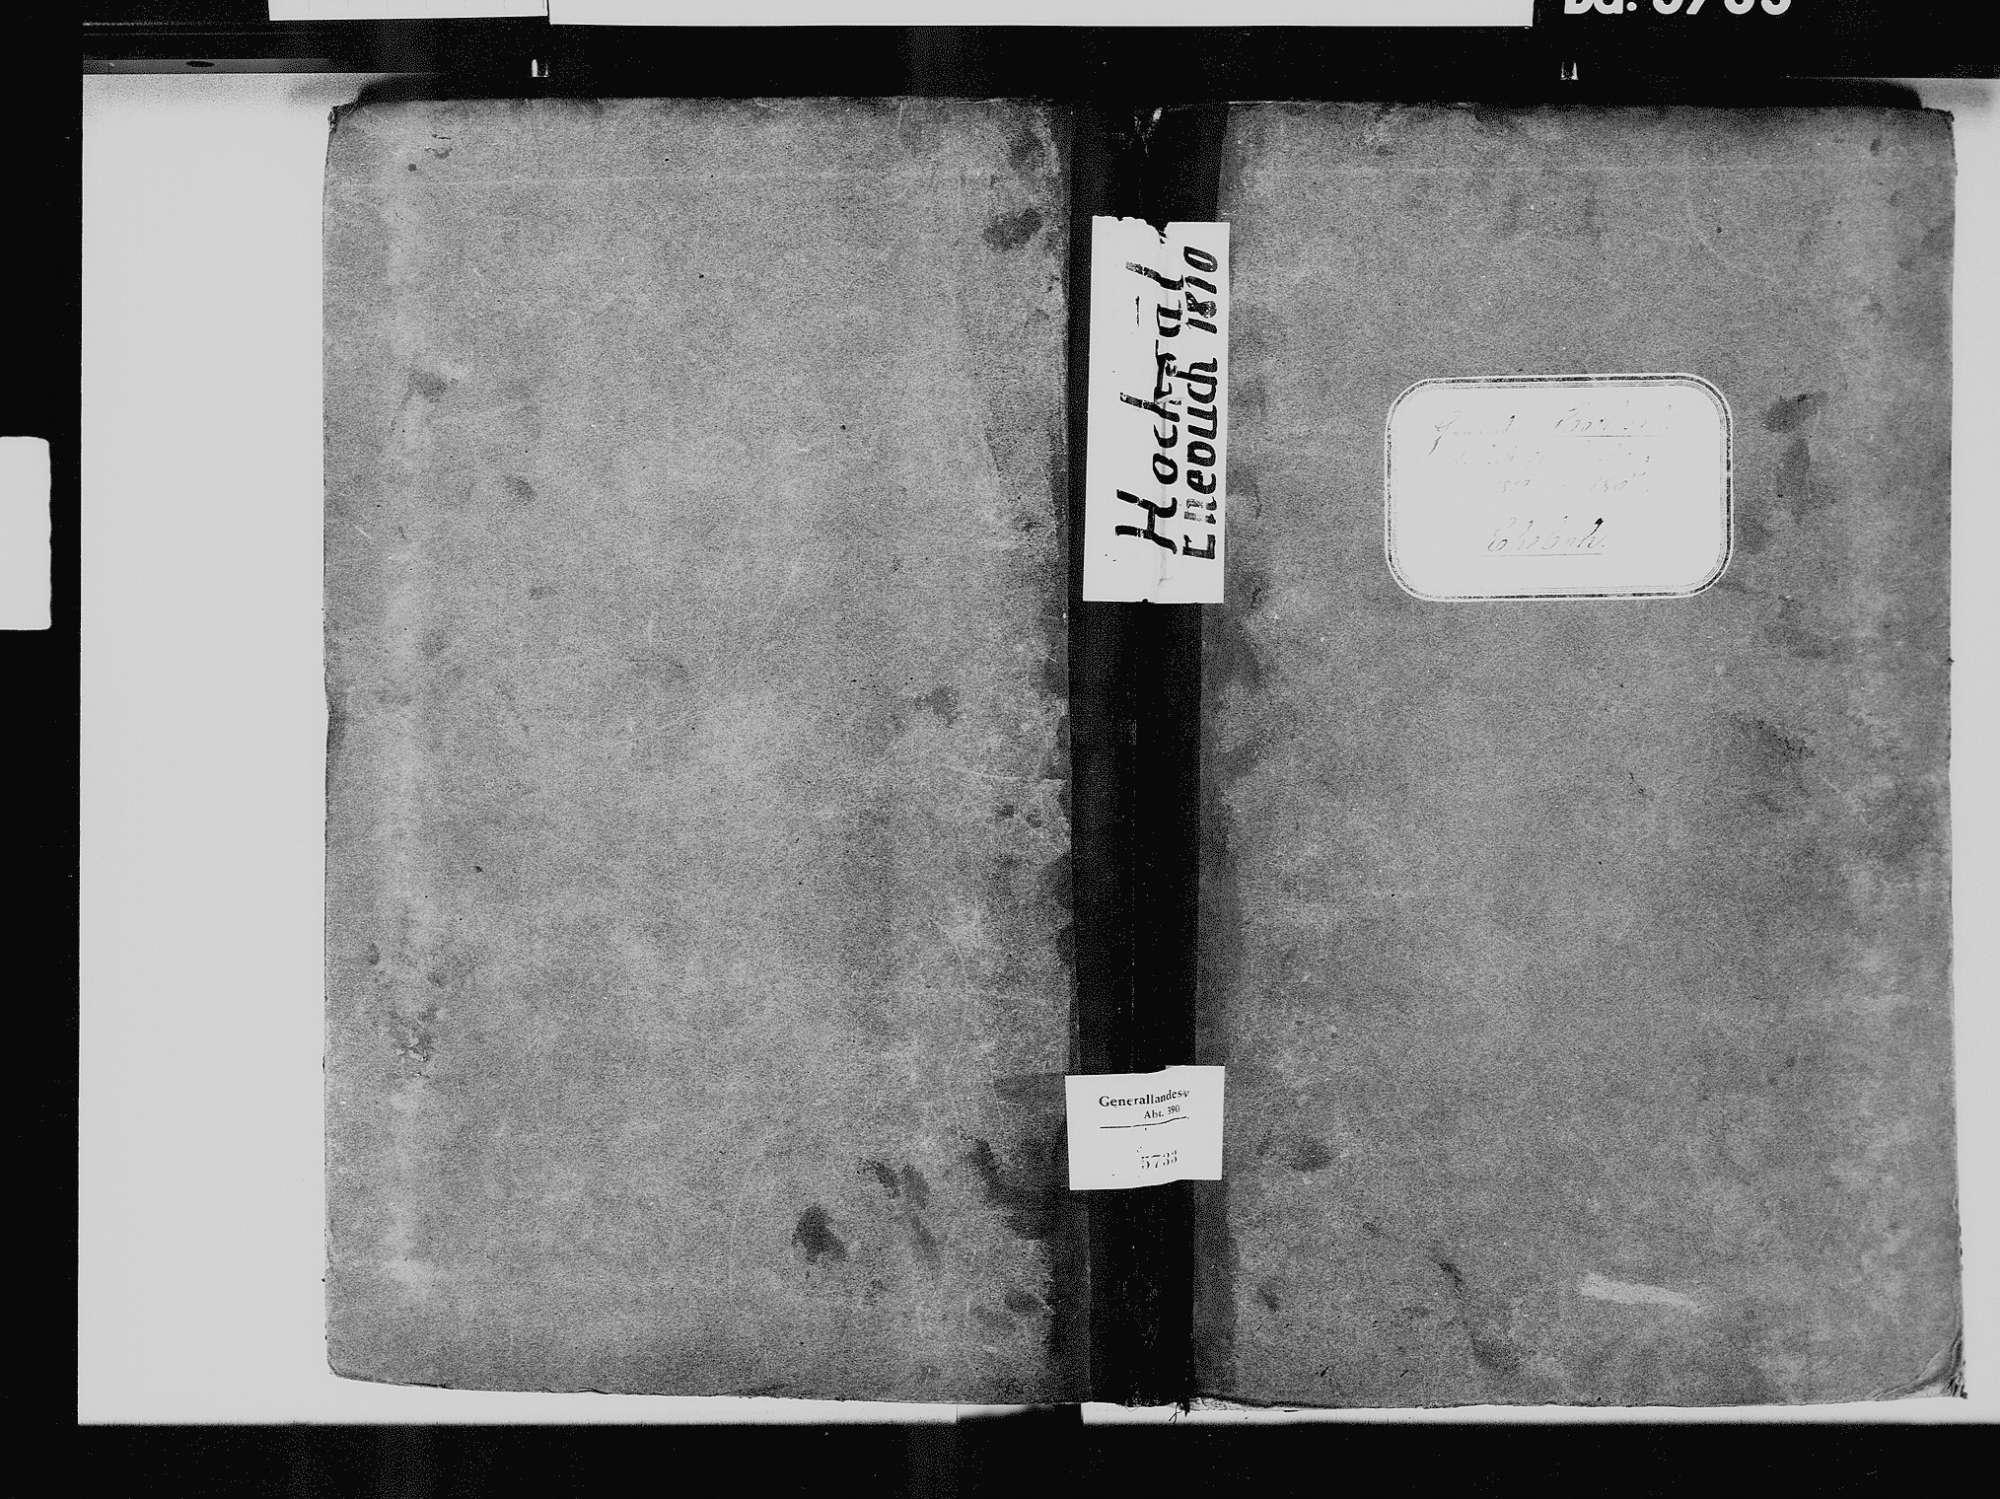 Hochsal, Laufenburg (Baden) WT; Katholische Gemeinde: Heiratsbuch 1810-1869 Hochsal, Laufenburg (Baden) WT; Katholische Gemeinde: Sterbebuch 1861, Bild 2